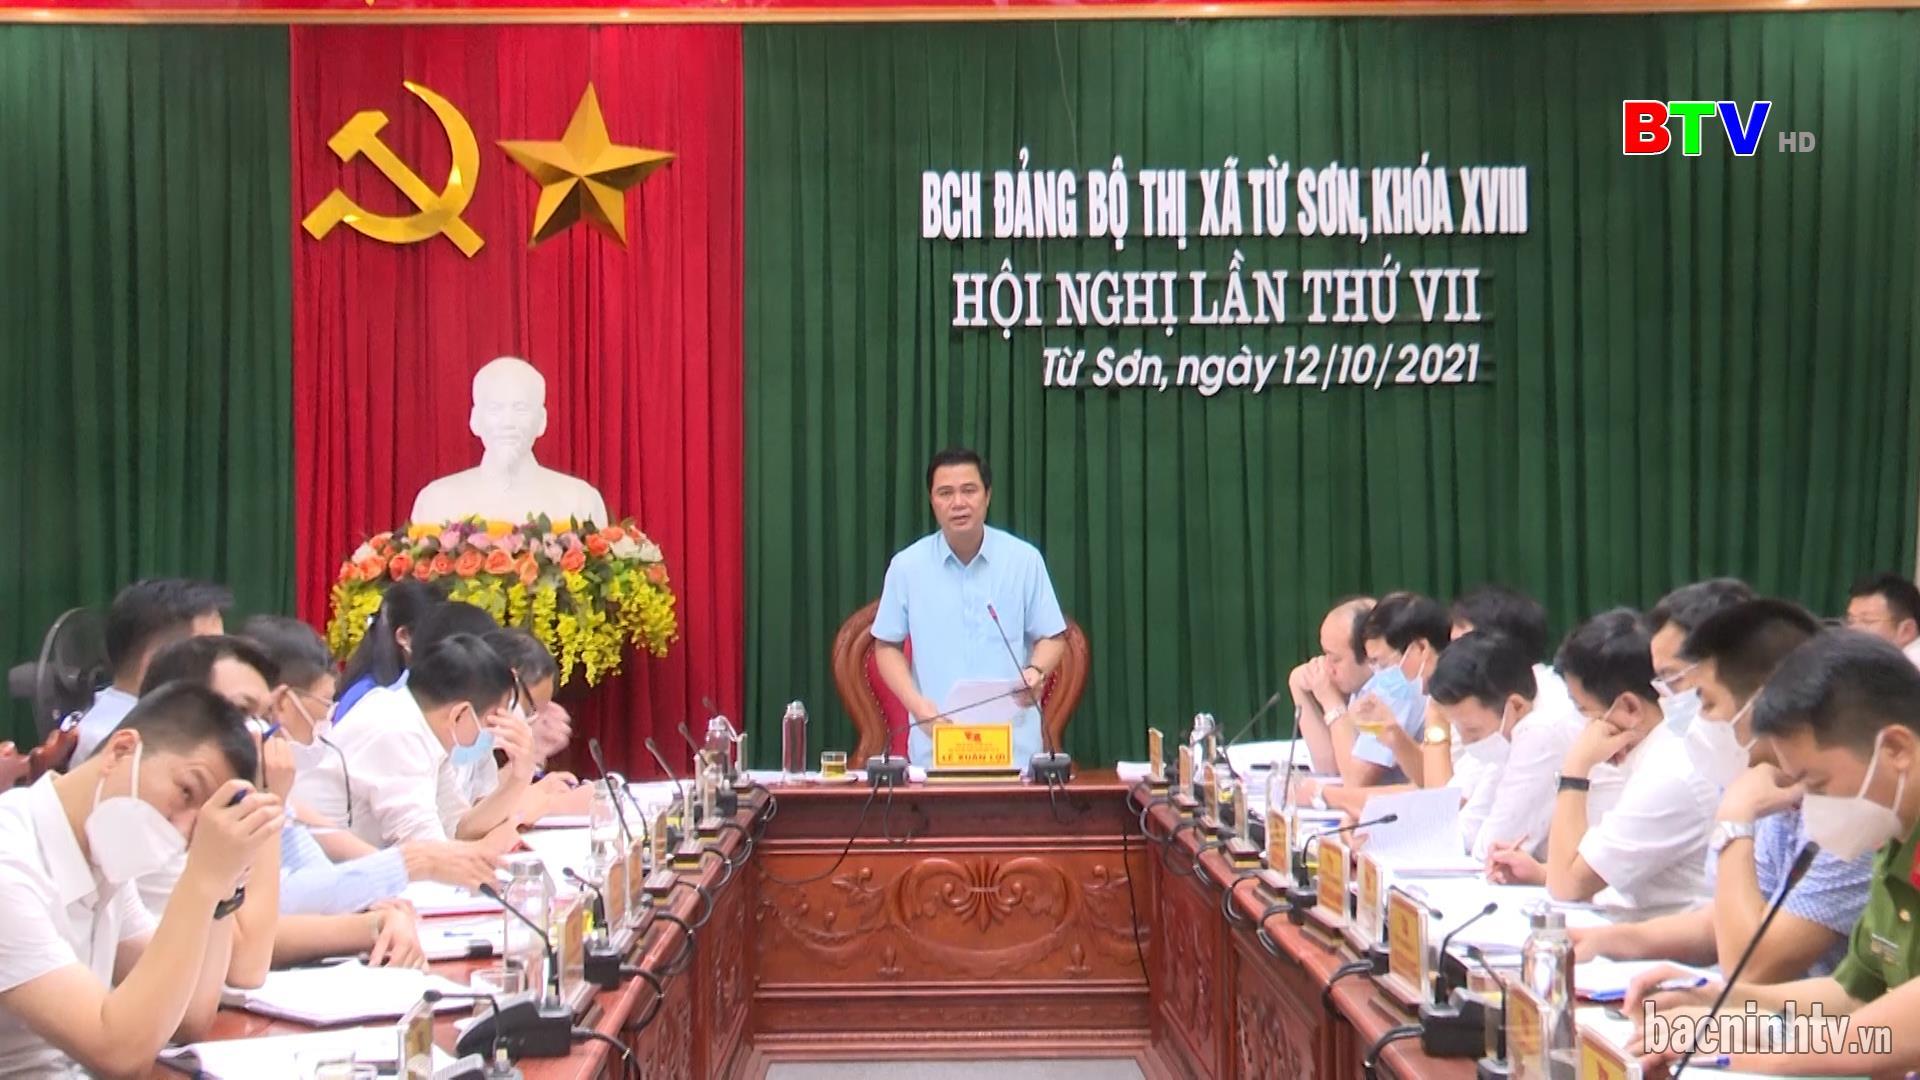 Hội nghị lần thứ VII, Ban Chấp hành Đảng bộ thị xã Từ Sơn khoá XVIII